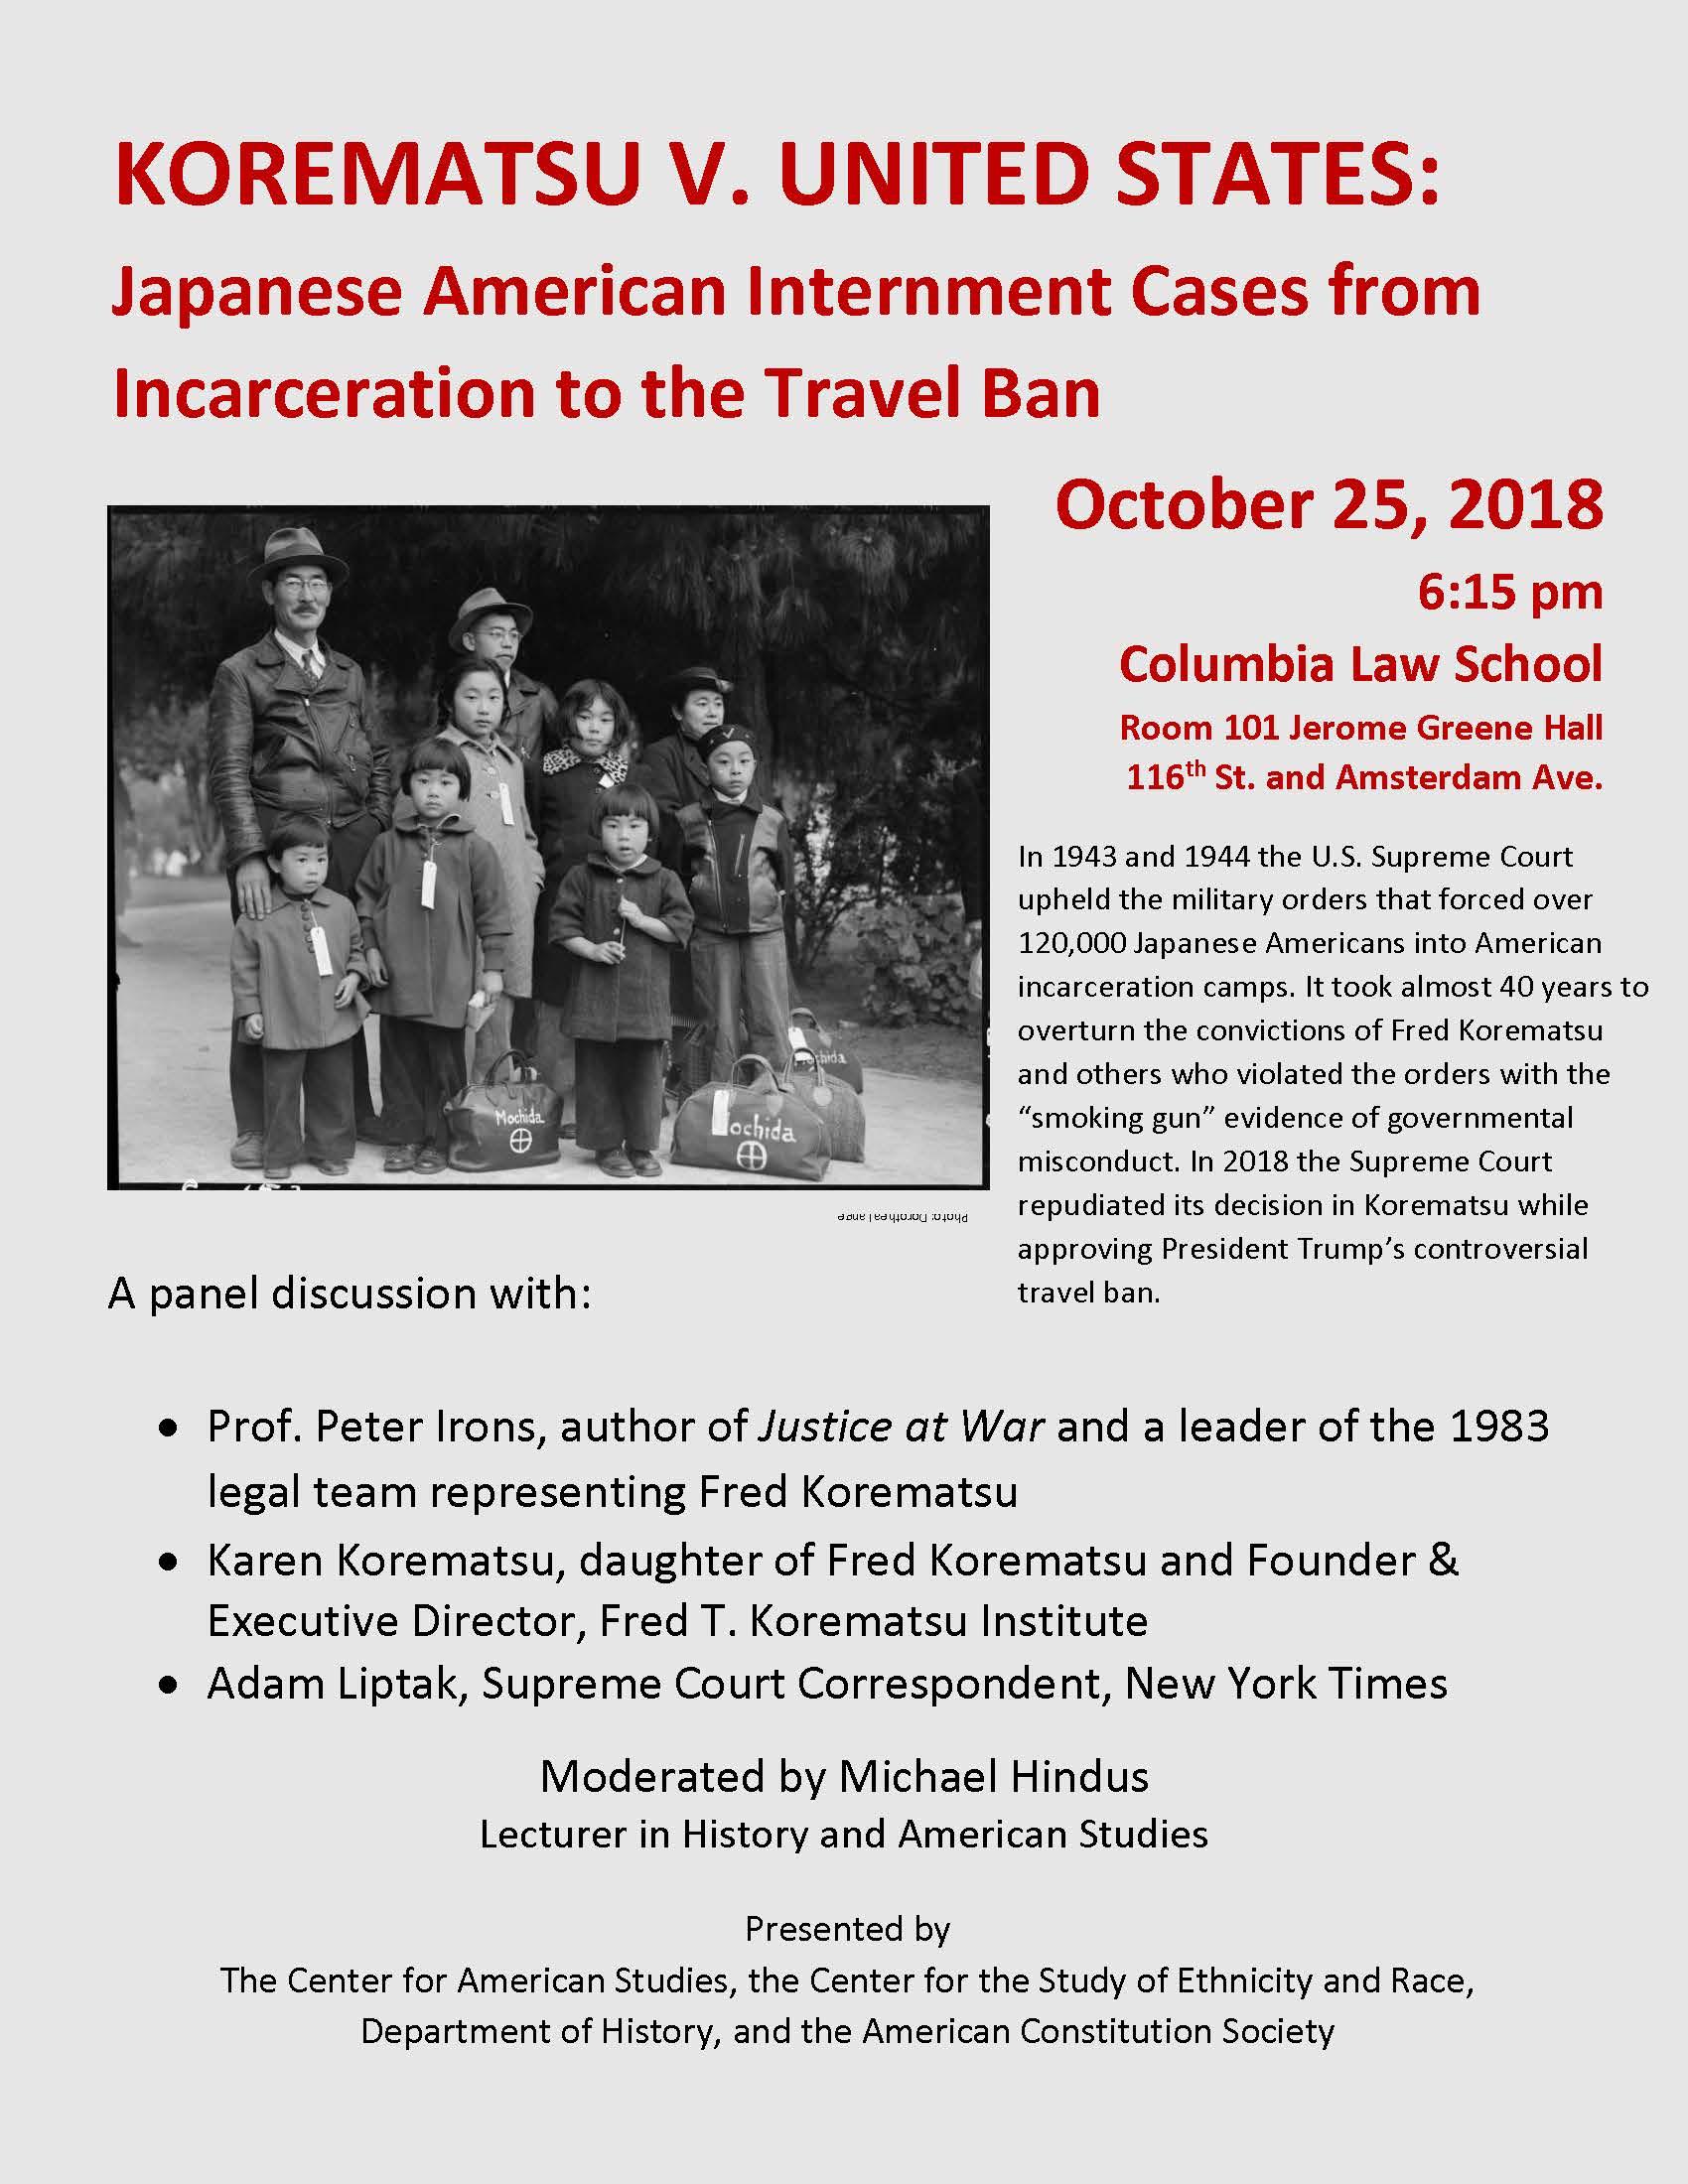 Columbia Law School Event Oct 25 Flyer.jpg